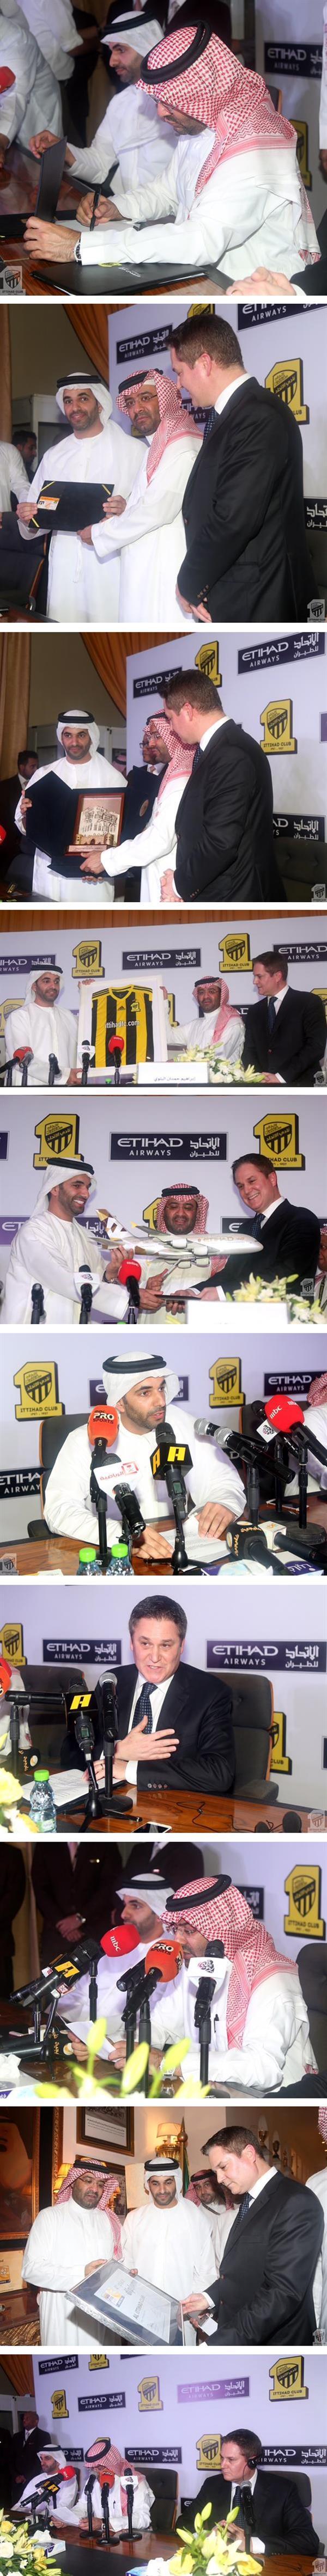 الاتحاد للطيران ونادي الاتحاد السعودي لكرة القدم يوقعان على اتفاقية شراكة في جدة